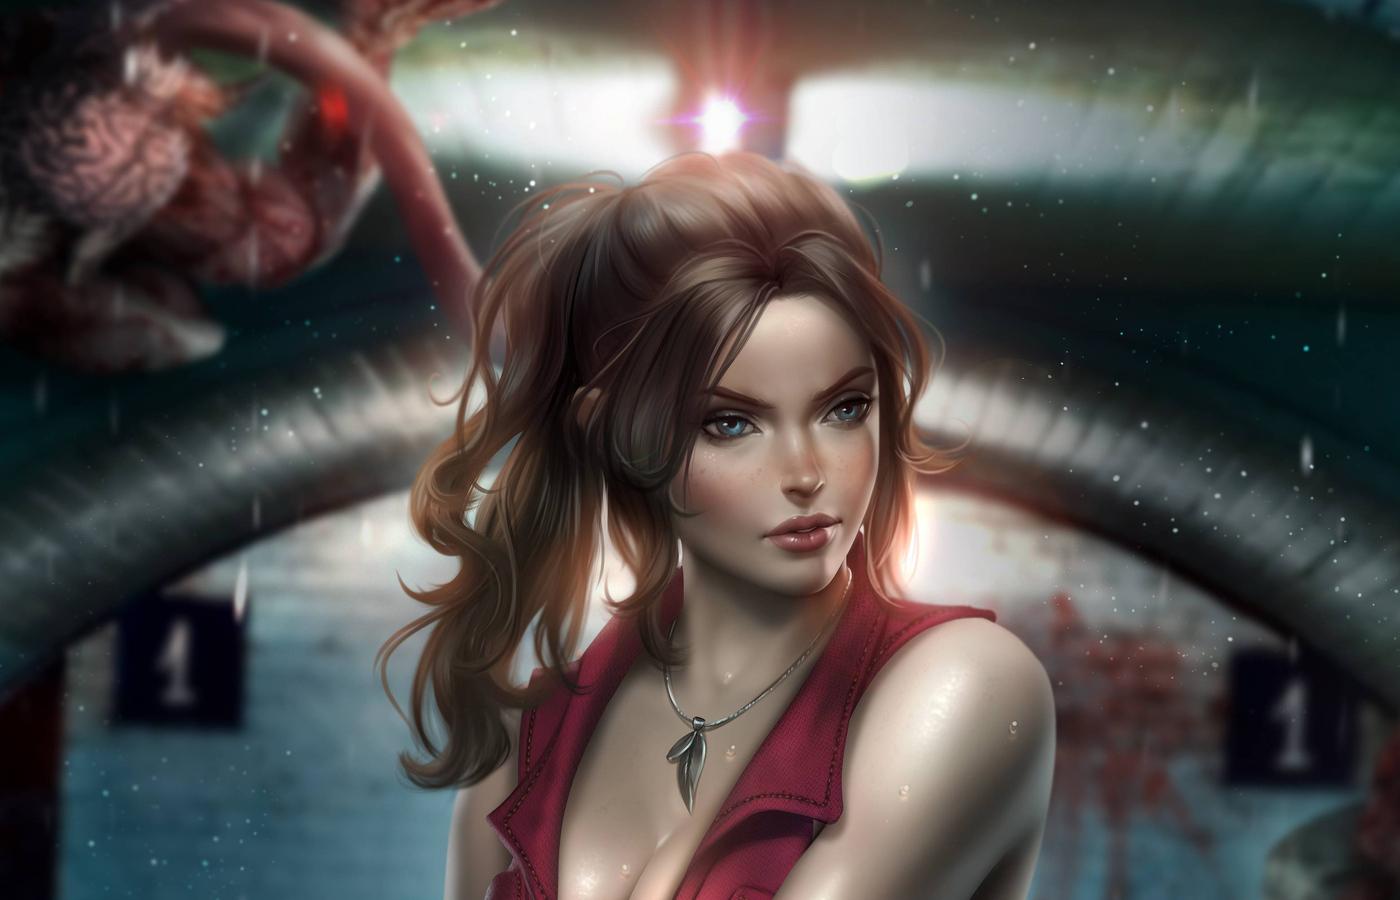 claire-redfield-resident-evil-2-fanart-ap.jpg